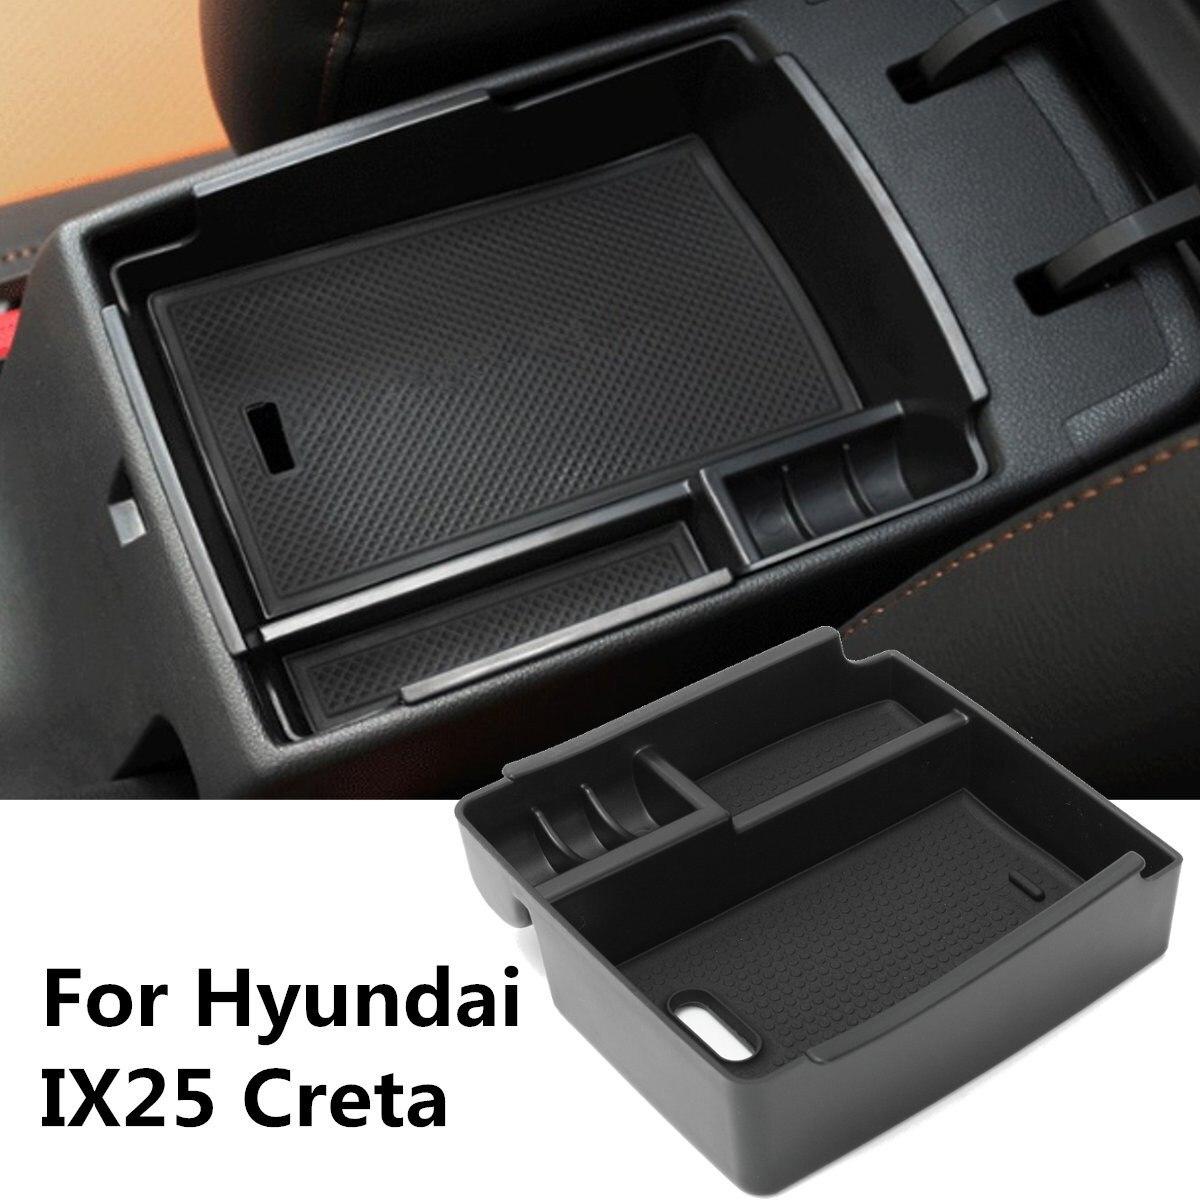 Noir Voiture Central Console Accoudoir Boîte De Rangement Tasse Téléphone Plateau Pour Hyundai IX25 Creta 2015 2016